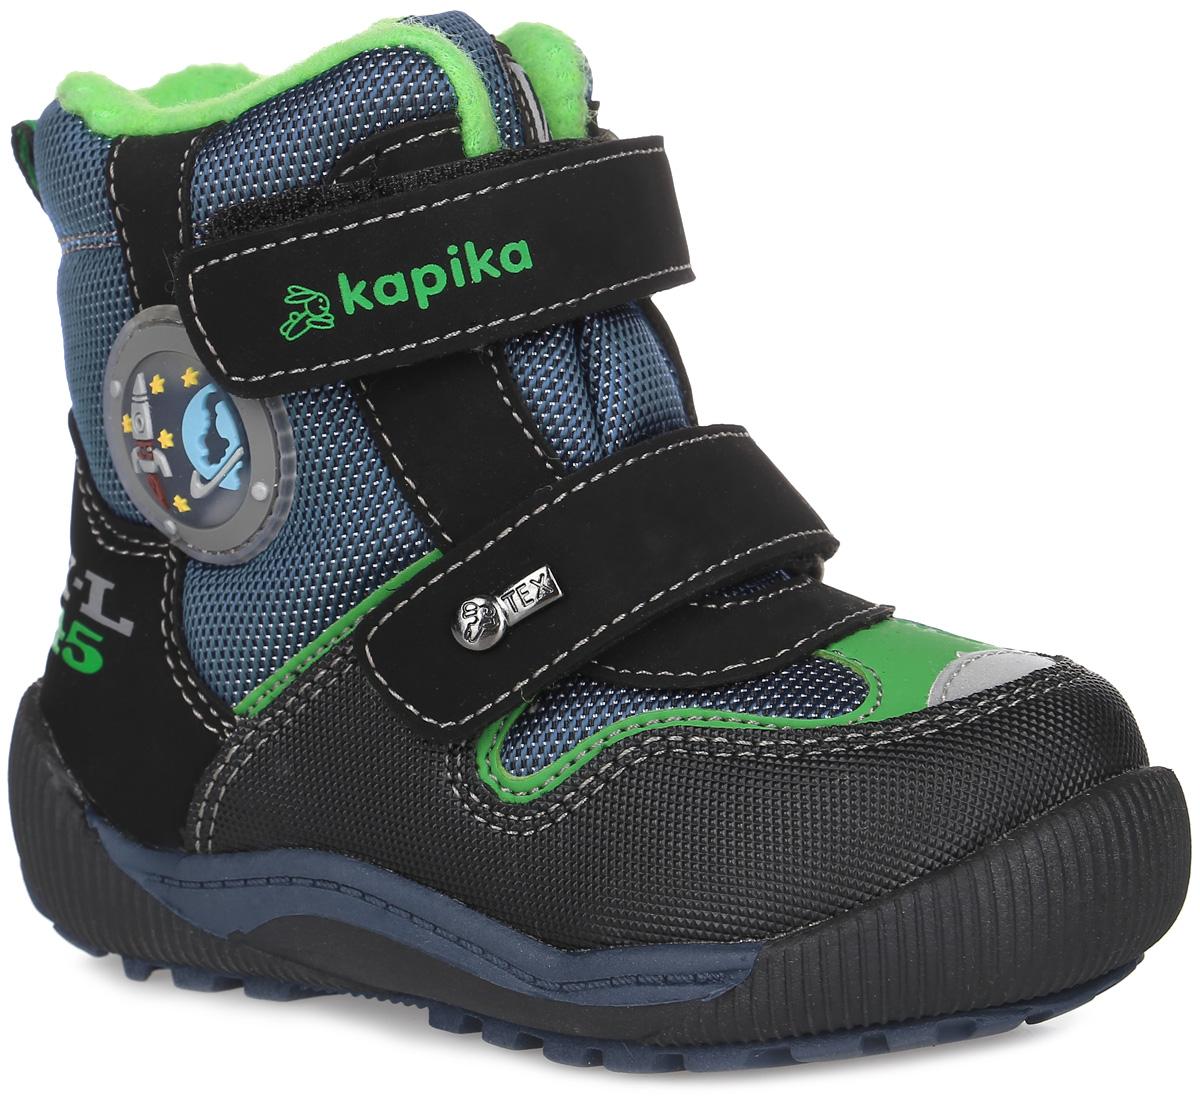 Ботинки для мальчика Kapika, цвет: черный, темно-синий, зеленый. 41173-2. Размер 2241173-2Удобные высокие ботинки от Kapika придутся по душе вашему мальчику! Модель изготовлена из искусственной кожи и плотного текстиля. Изделие оформлено вставками и прострочкой, сбоку - аппликацией из ПВХ на тему космоса, на язычке - фирменной нашивкой, на ремешках - тиснением с названием бренда и металлическим элементом. Ярлычок на заднике предназначен для удобства обувания. Два ремешка на застежках-липучках надежно фиксируют изделие на ноге. Мягкая подкладка и стелька исполненные из текстиля, на 80% состоящего из натурального овечьего шерстяного меха, обеспечивают тепло, циркуляцию воздуха и сохраняют комфортный микроклимат в обуви. Рифление на подошве гарантирует идеальное сцепление с любыми поверхностями. Стильные ботинки займут достойное место в гардеробе вашего ребенка, они идеально подойдут для теплой зимы, а также поздней осени и ранней весны.